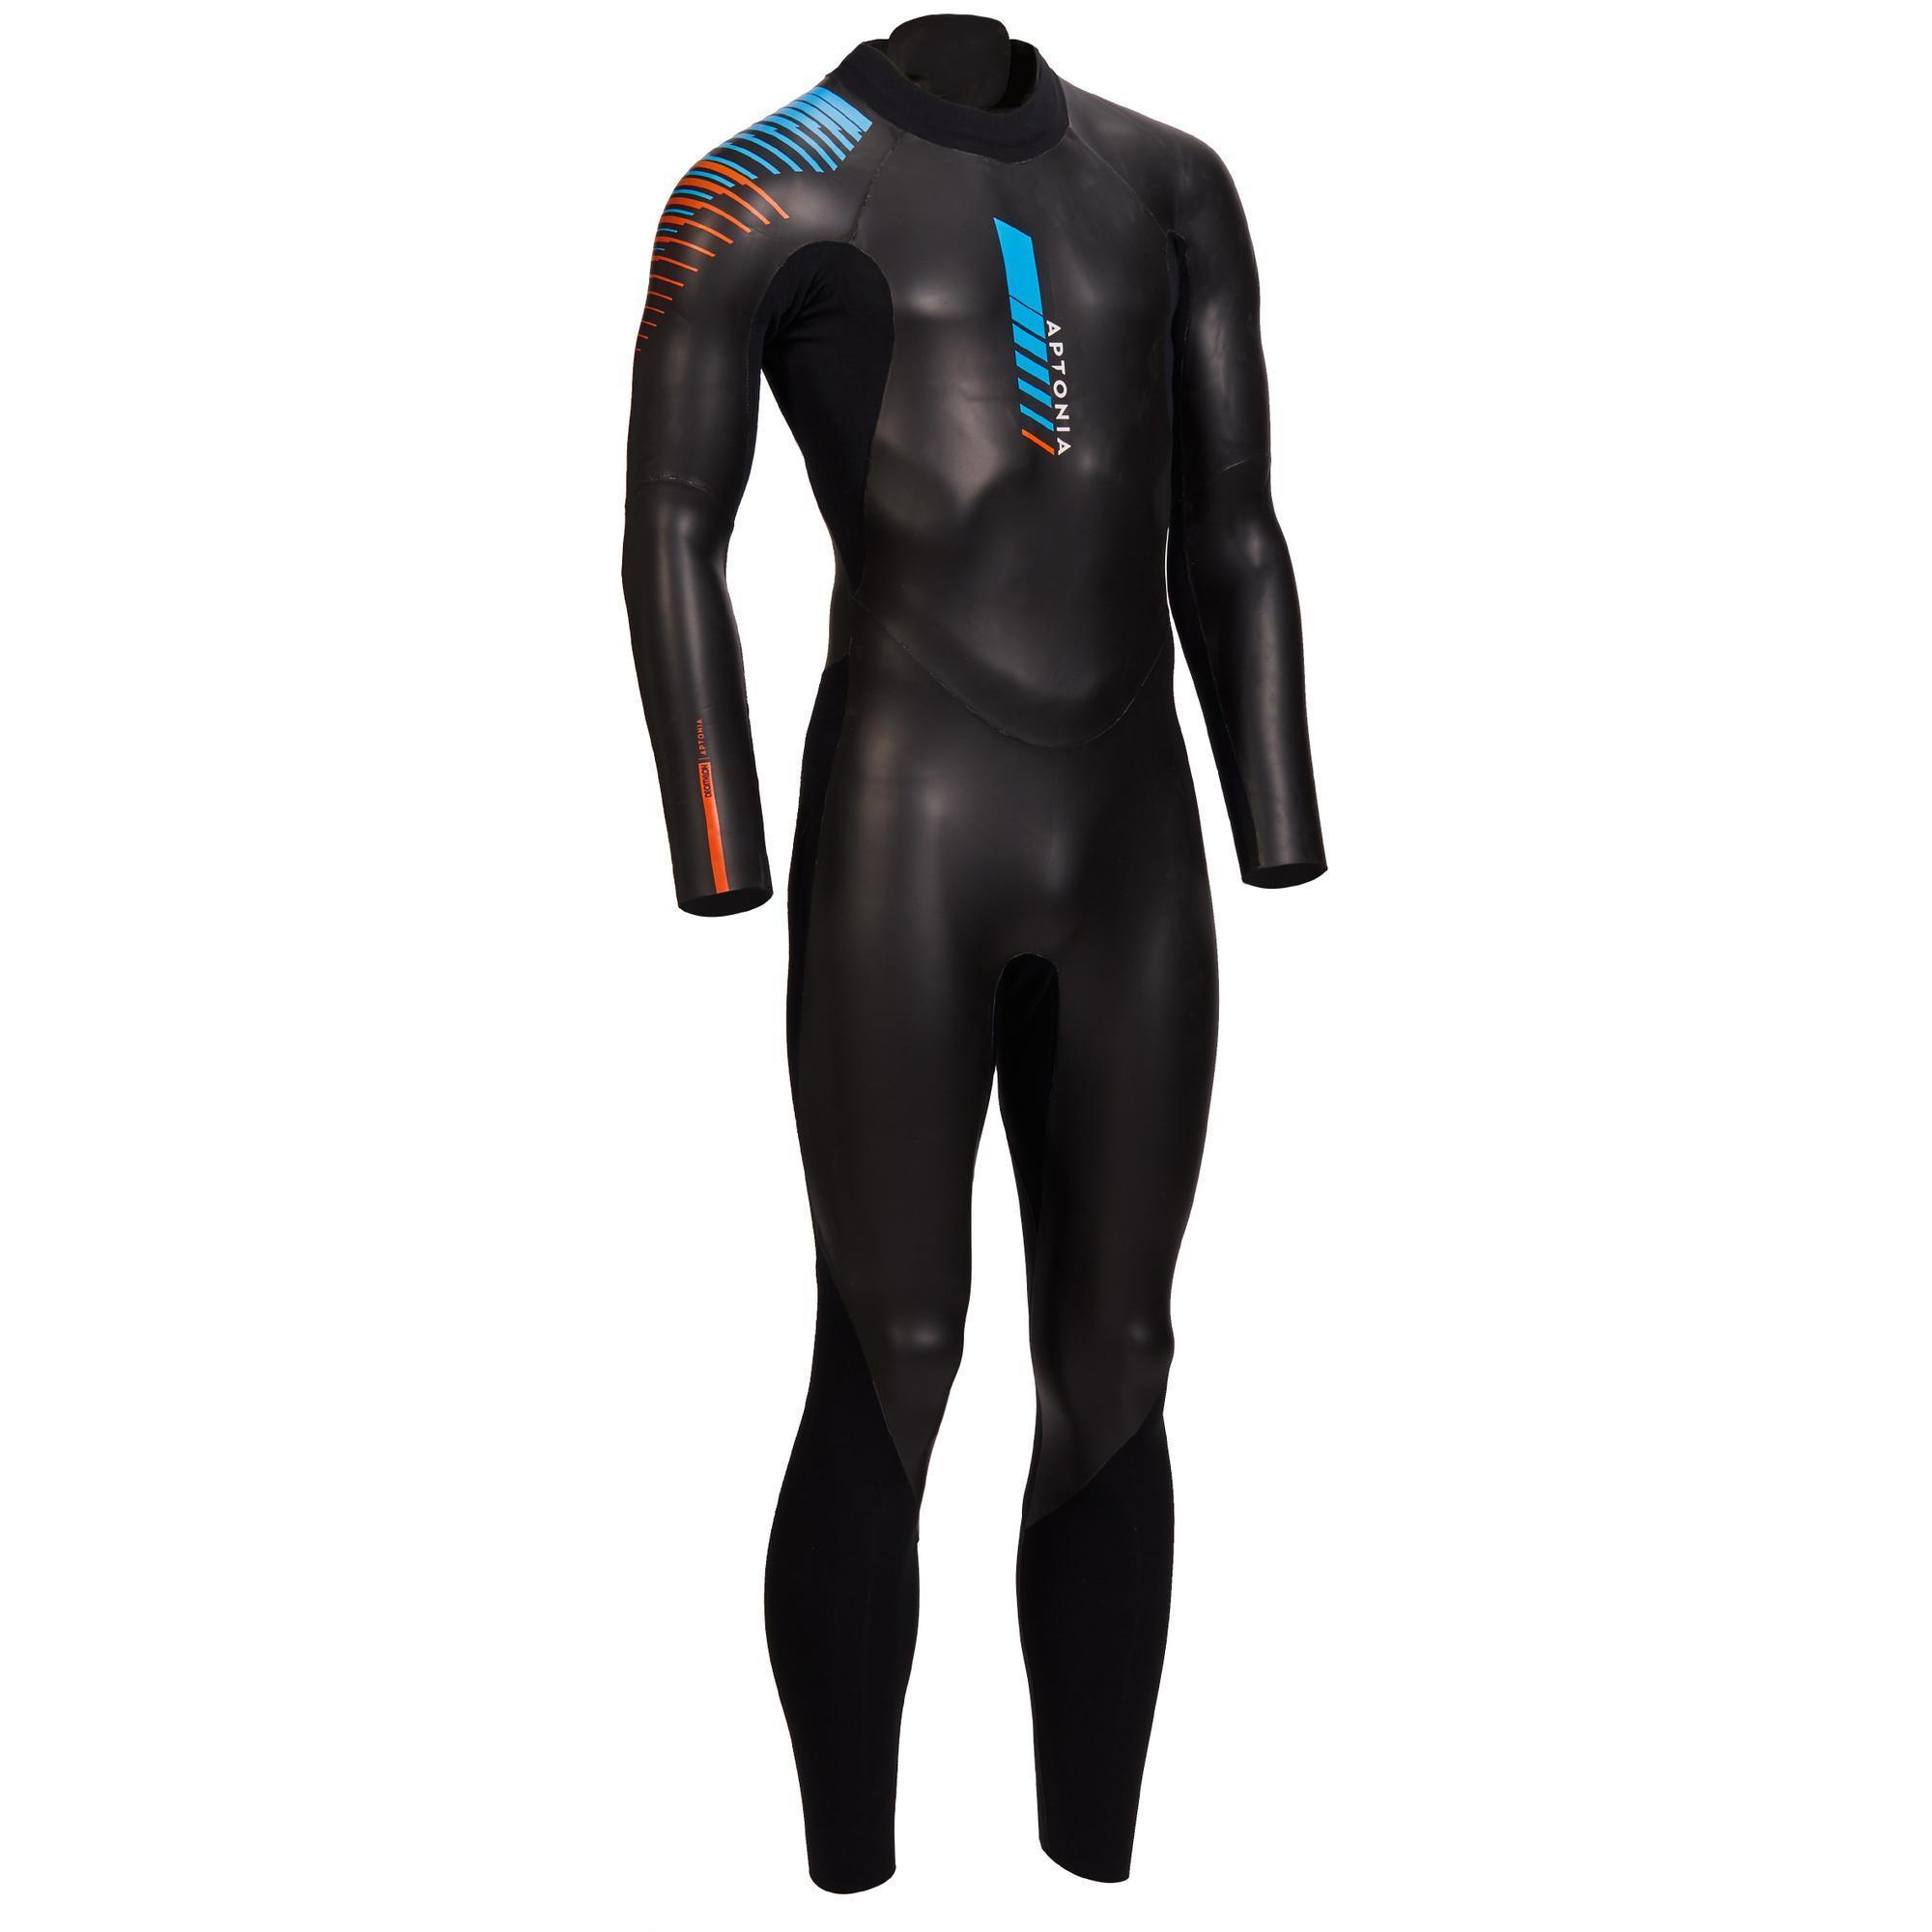 comprar online 2dbdf 7563b Trajes de Neopreno para Natación en Aguas Abiertas   Decathlon